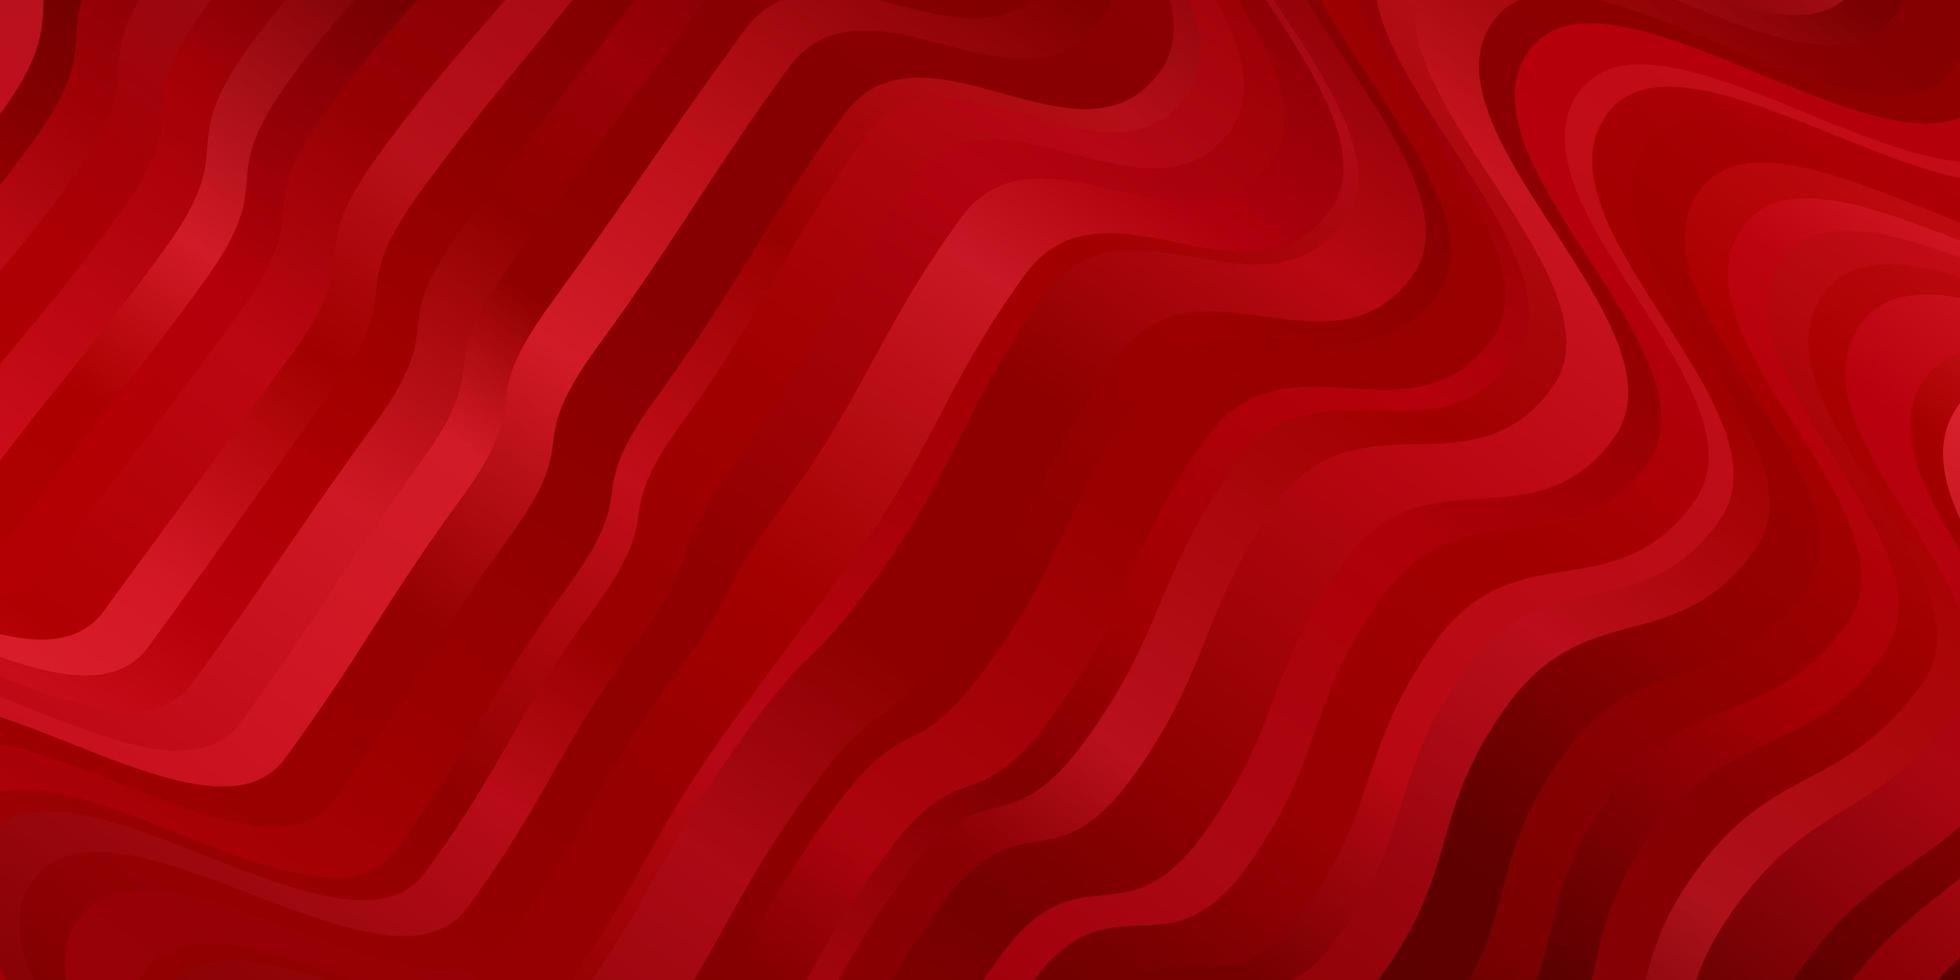 fondo rojo con líneas. vector